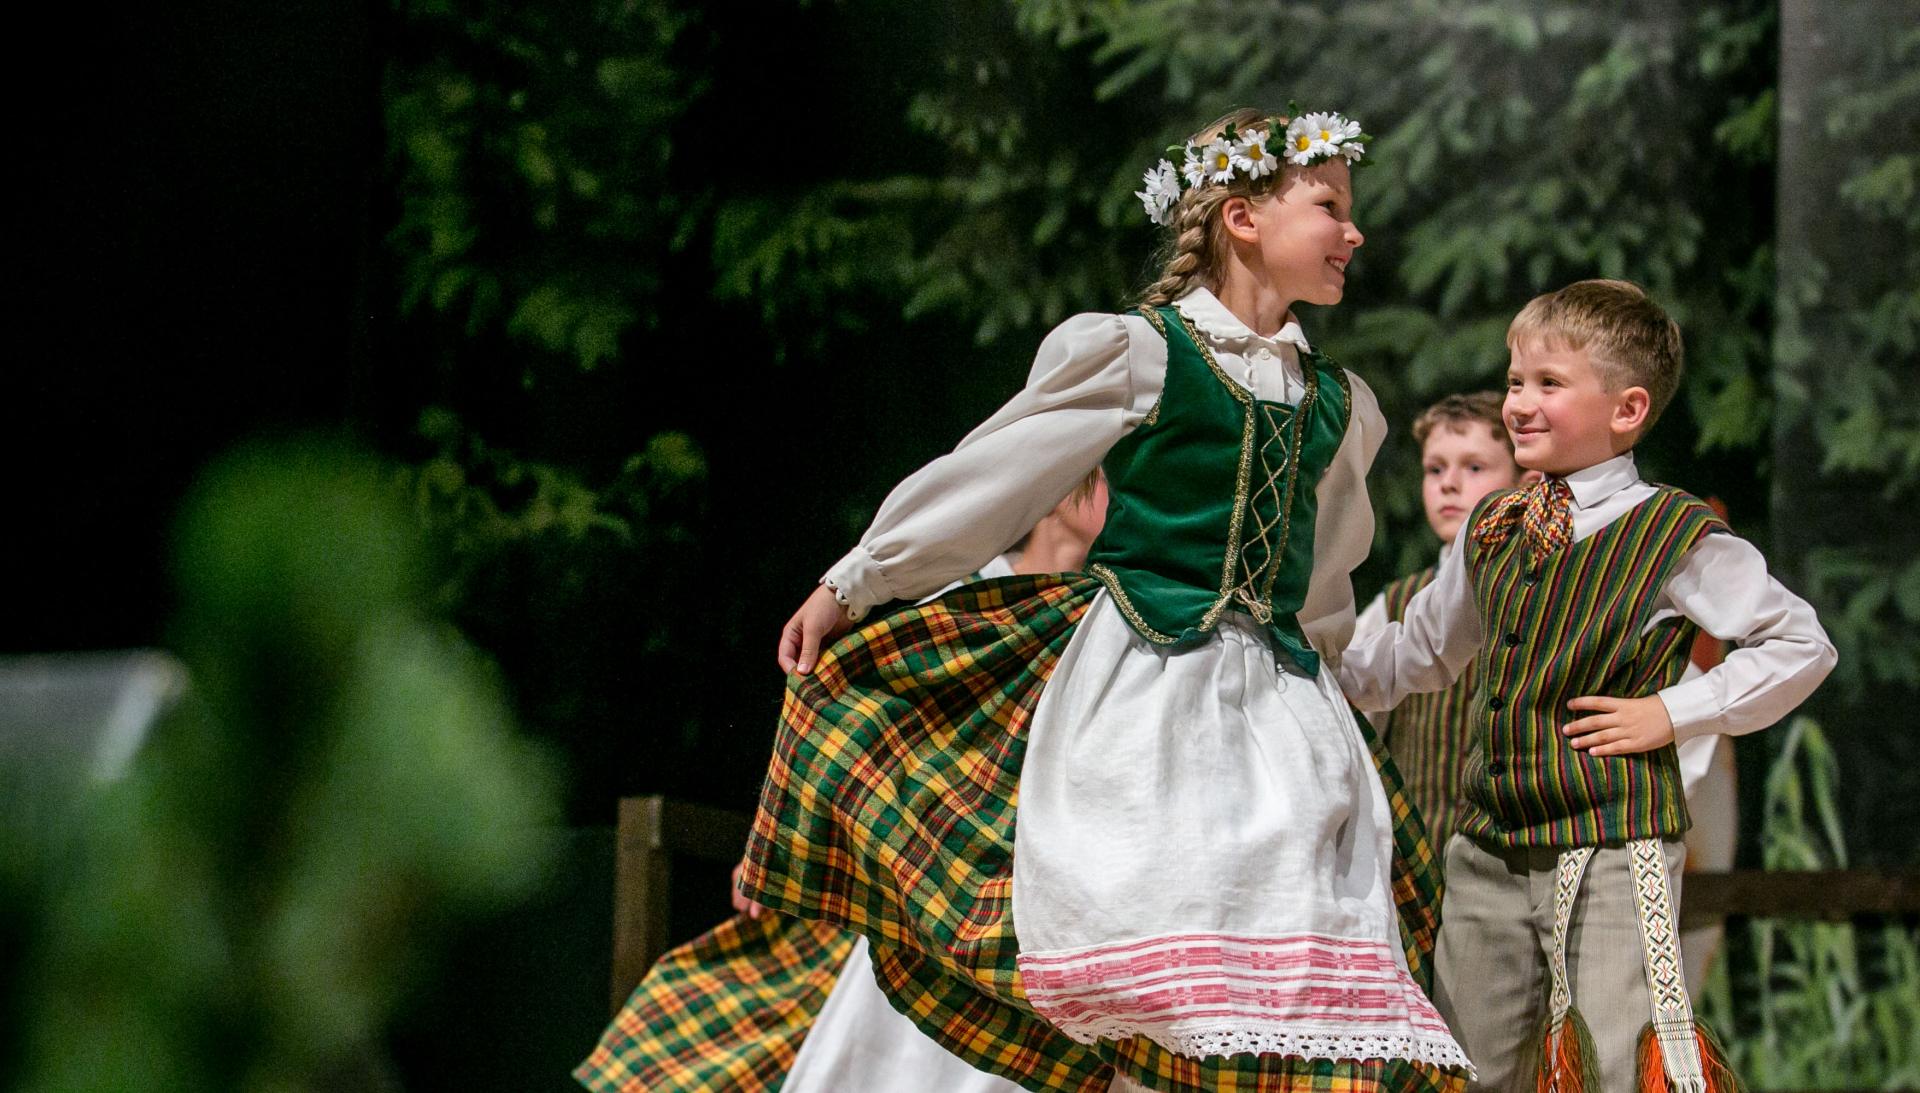 Para dzieci tańczy na scenie. Uśmiechają się. Dziewczynka ma na głowie wianek